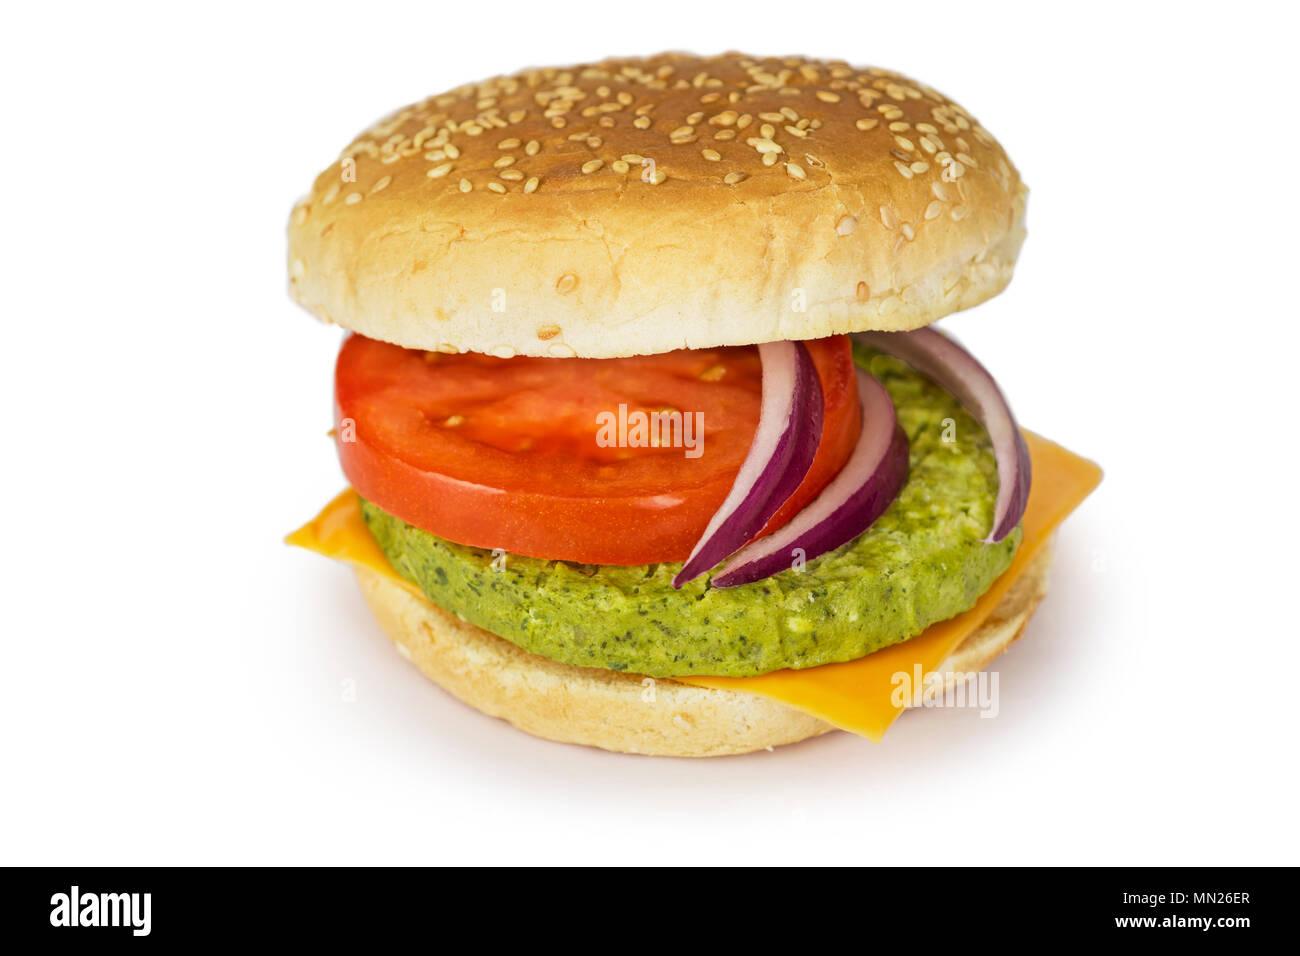 Vegetarisch Veggie Burger, Patty mit grünen Bohnen, Erbsen, Spinat, Brokkoli Stockbild